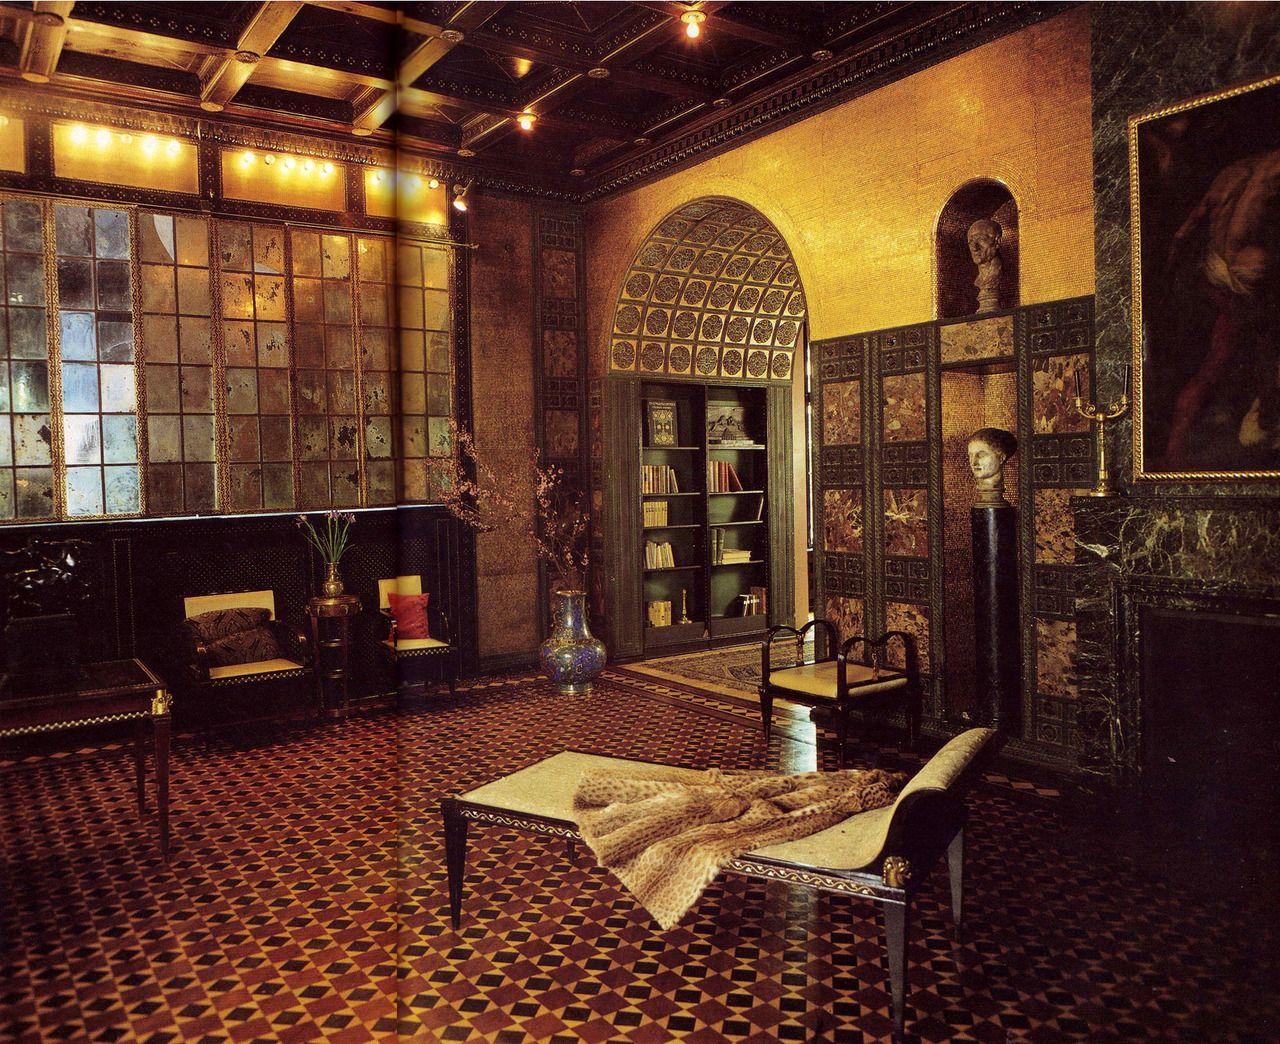 reception room of villa stuck, franz von stuck's home in munich